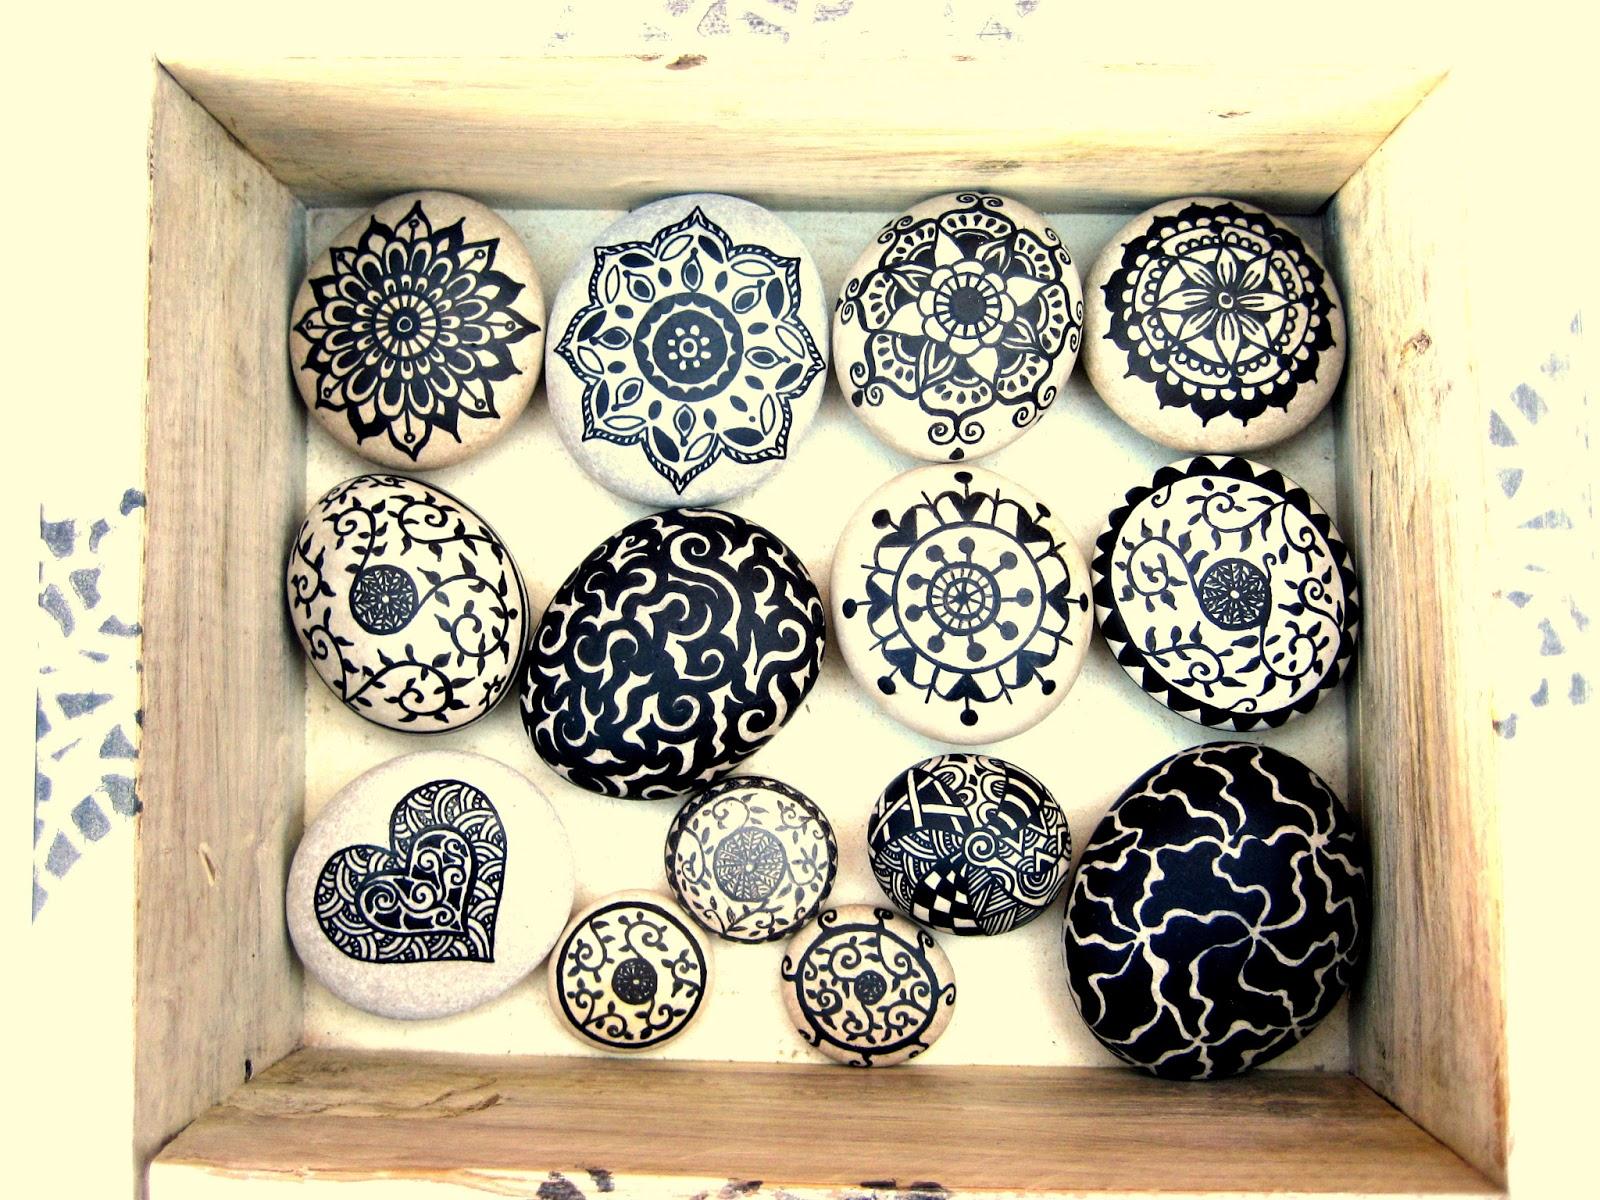 Almacen de decoraci n piedras pintadas for Como pintar piedras